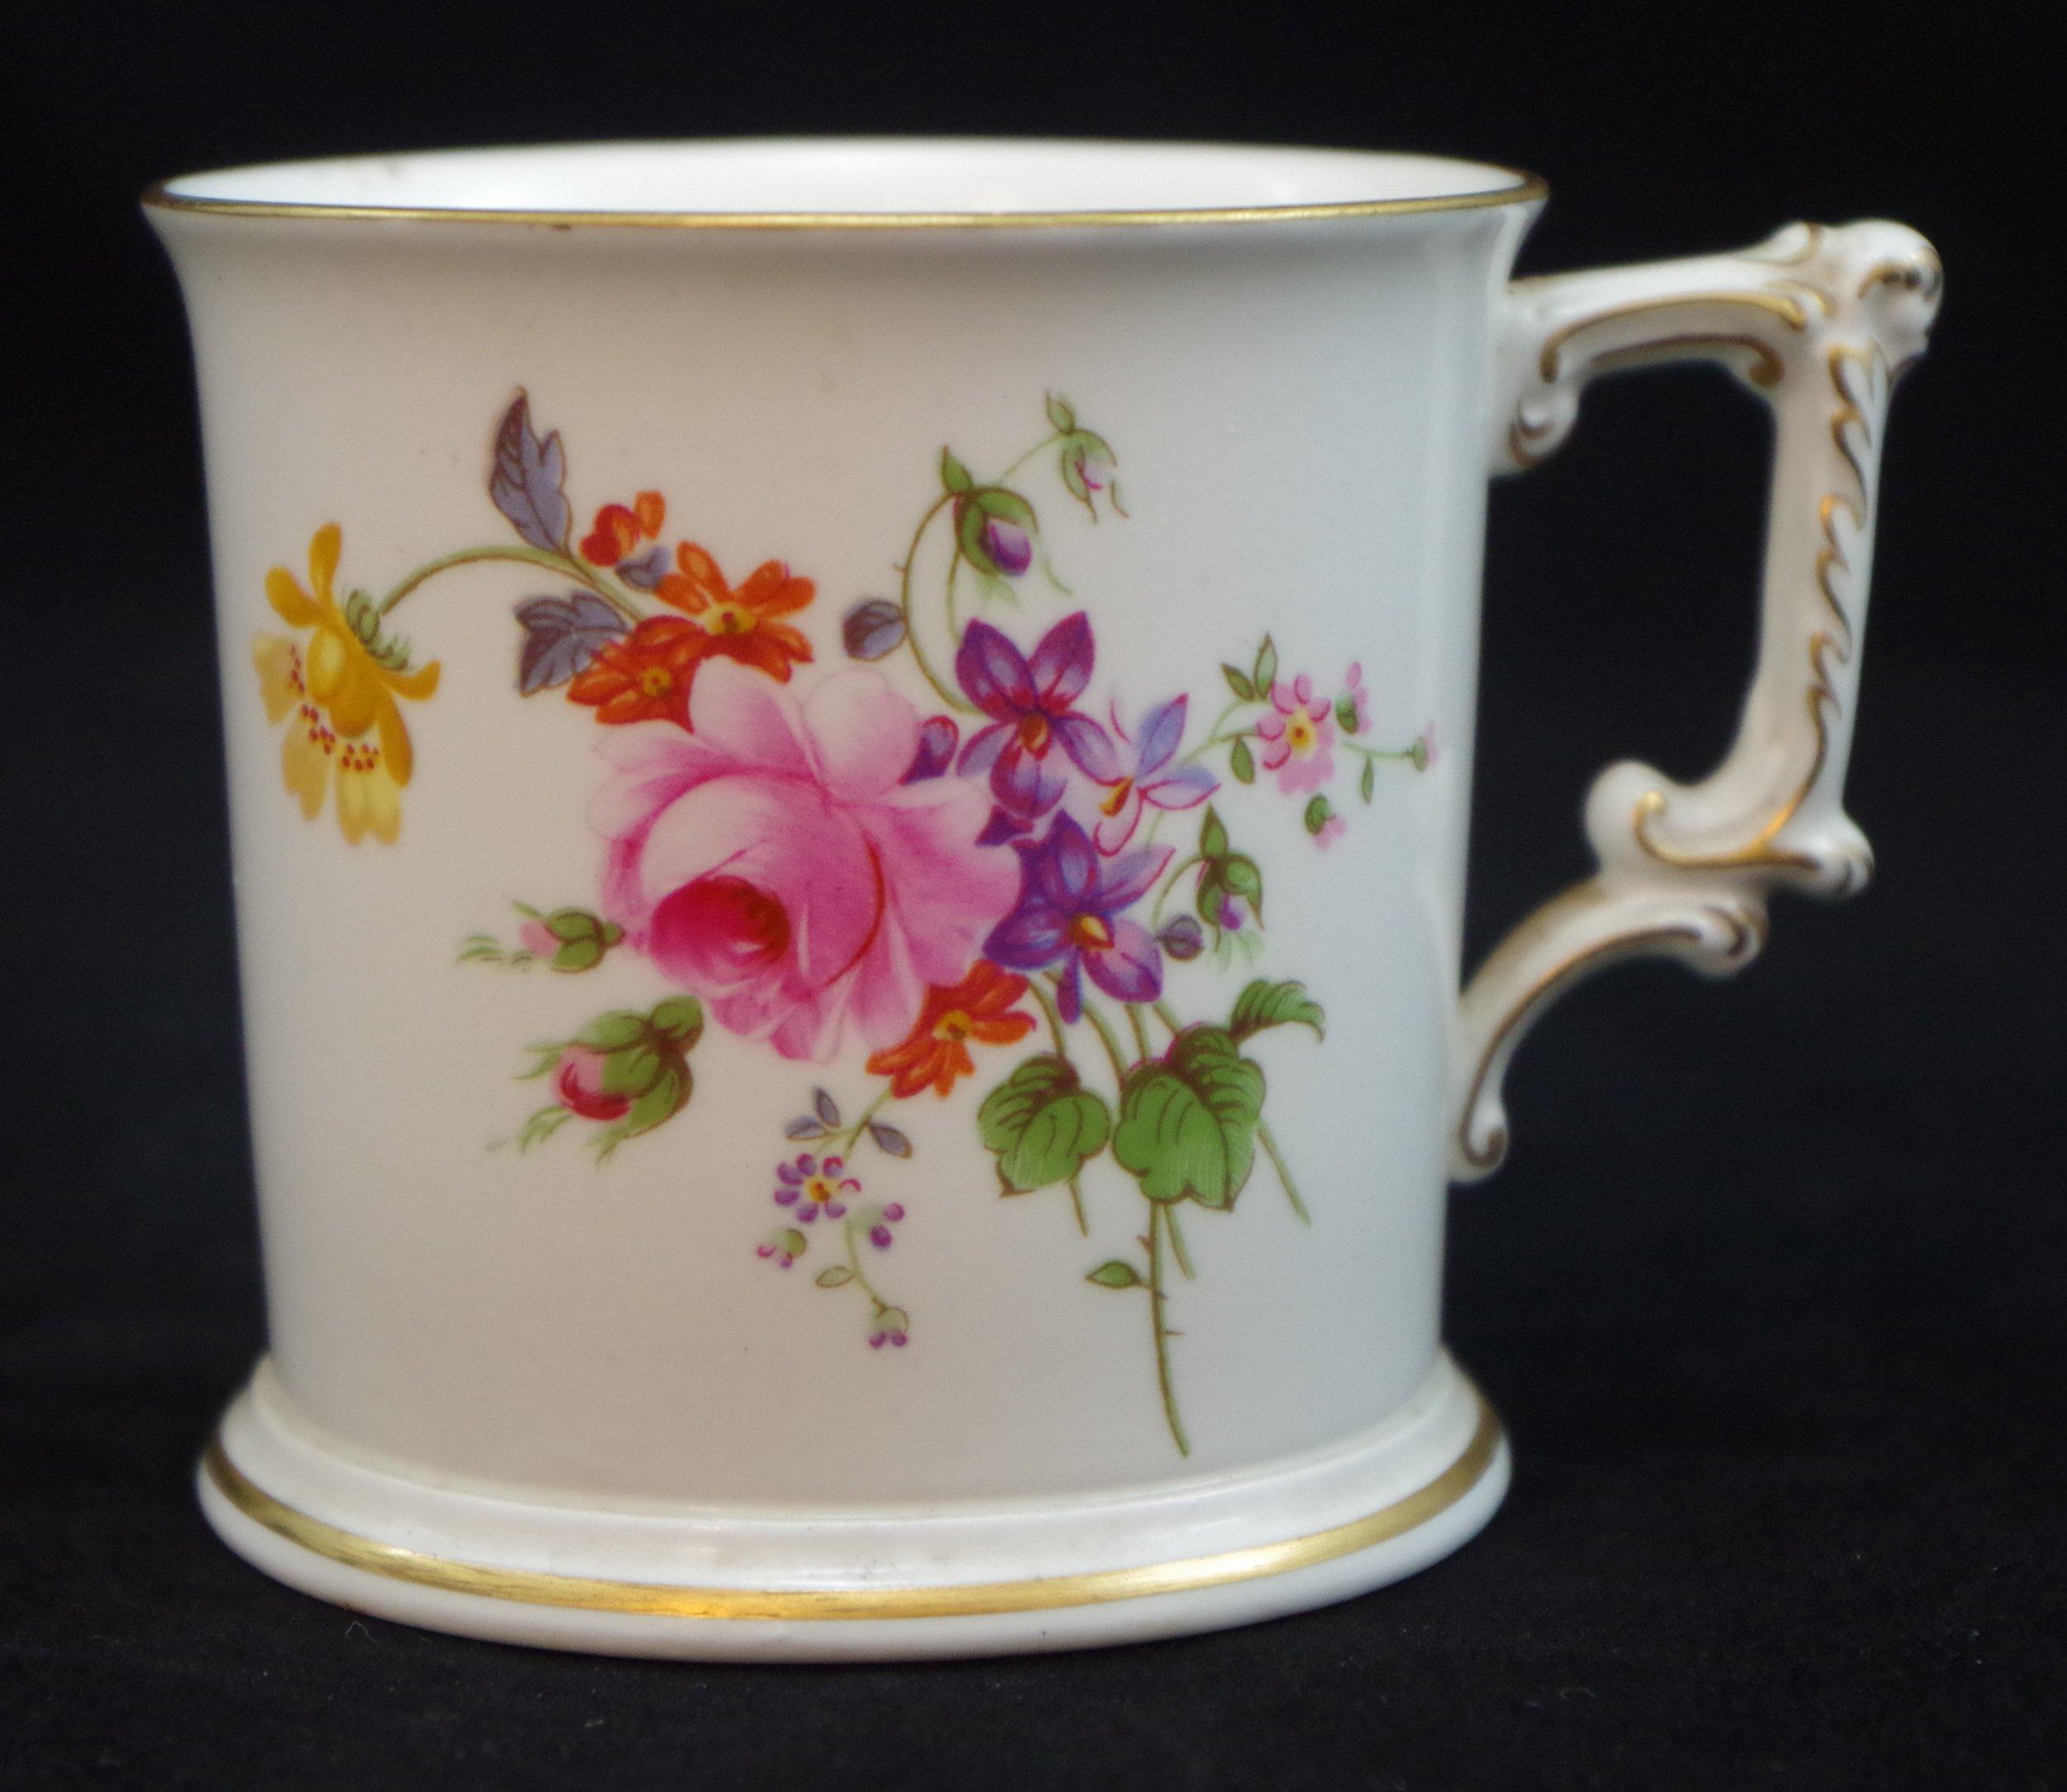 royal-crown-derby-mug-derby-posie-A228-over-haddon